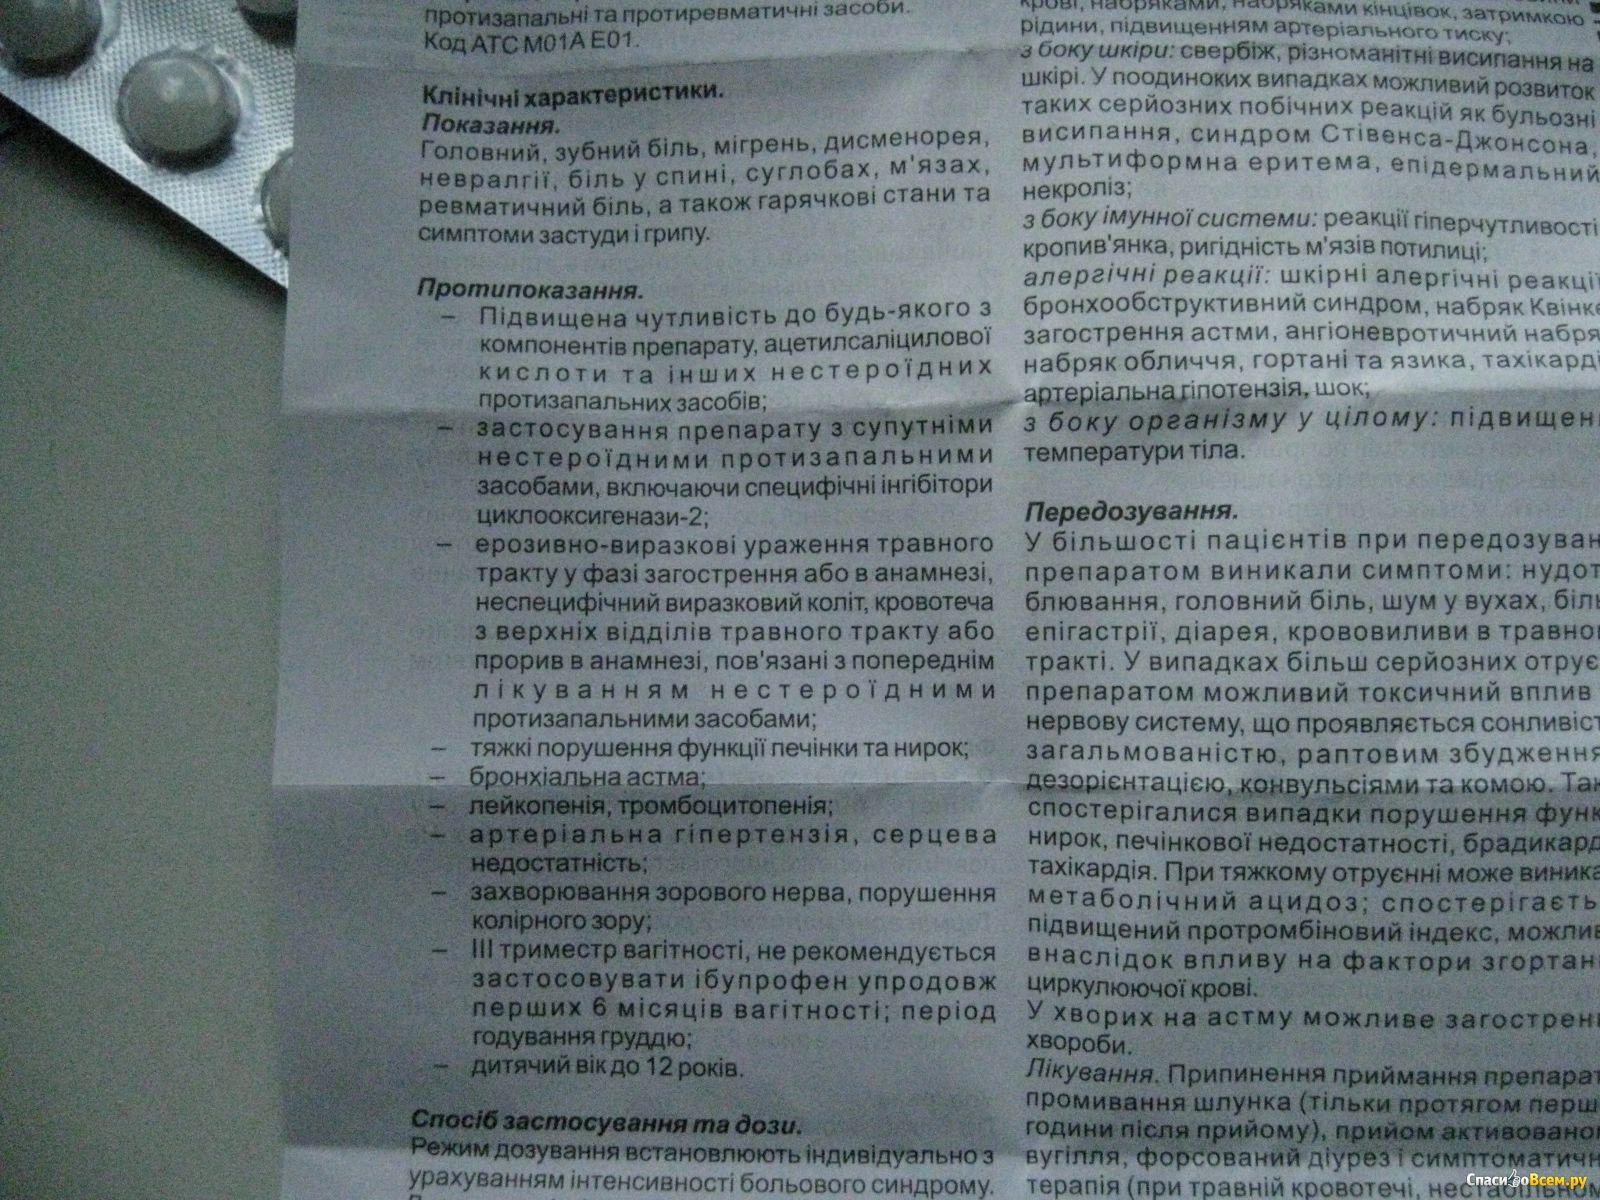 Ибупрофен: от чего эти таблетки и когда их назначают.